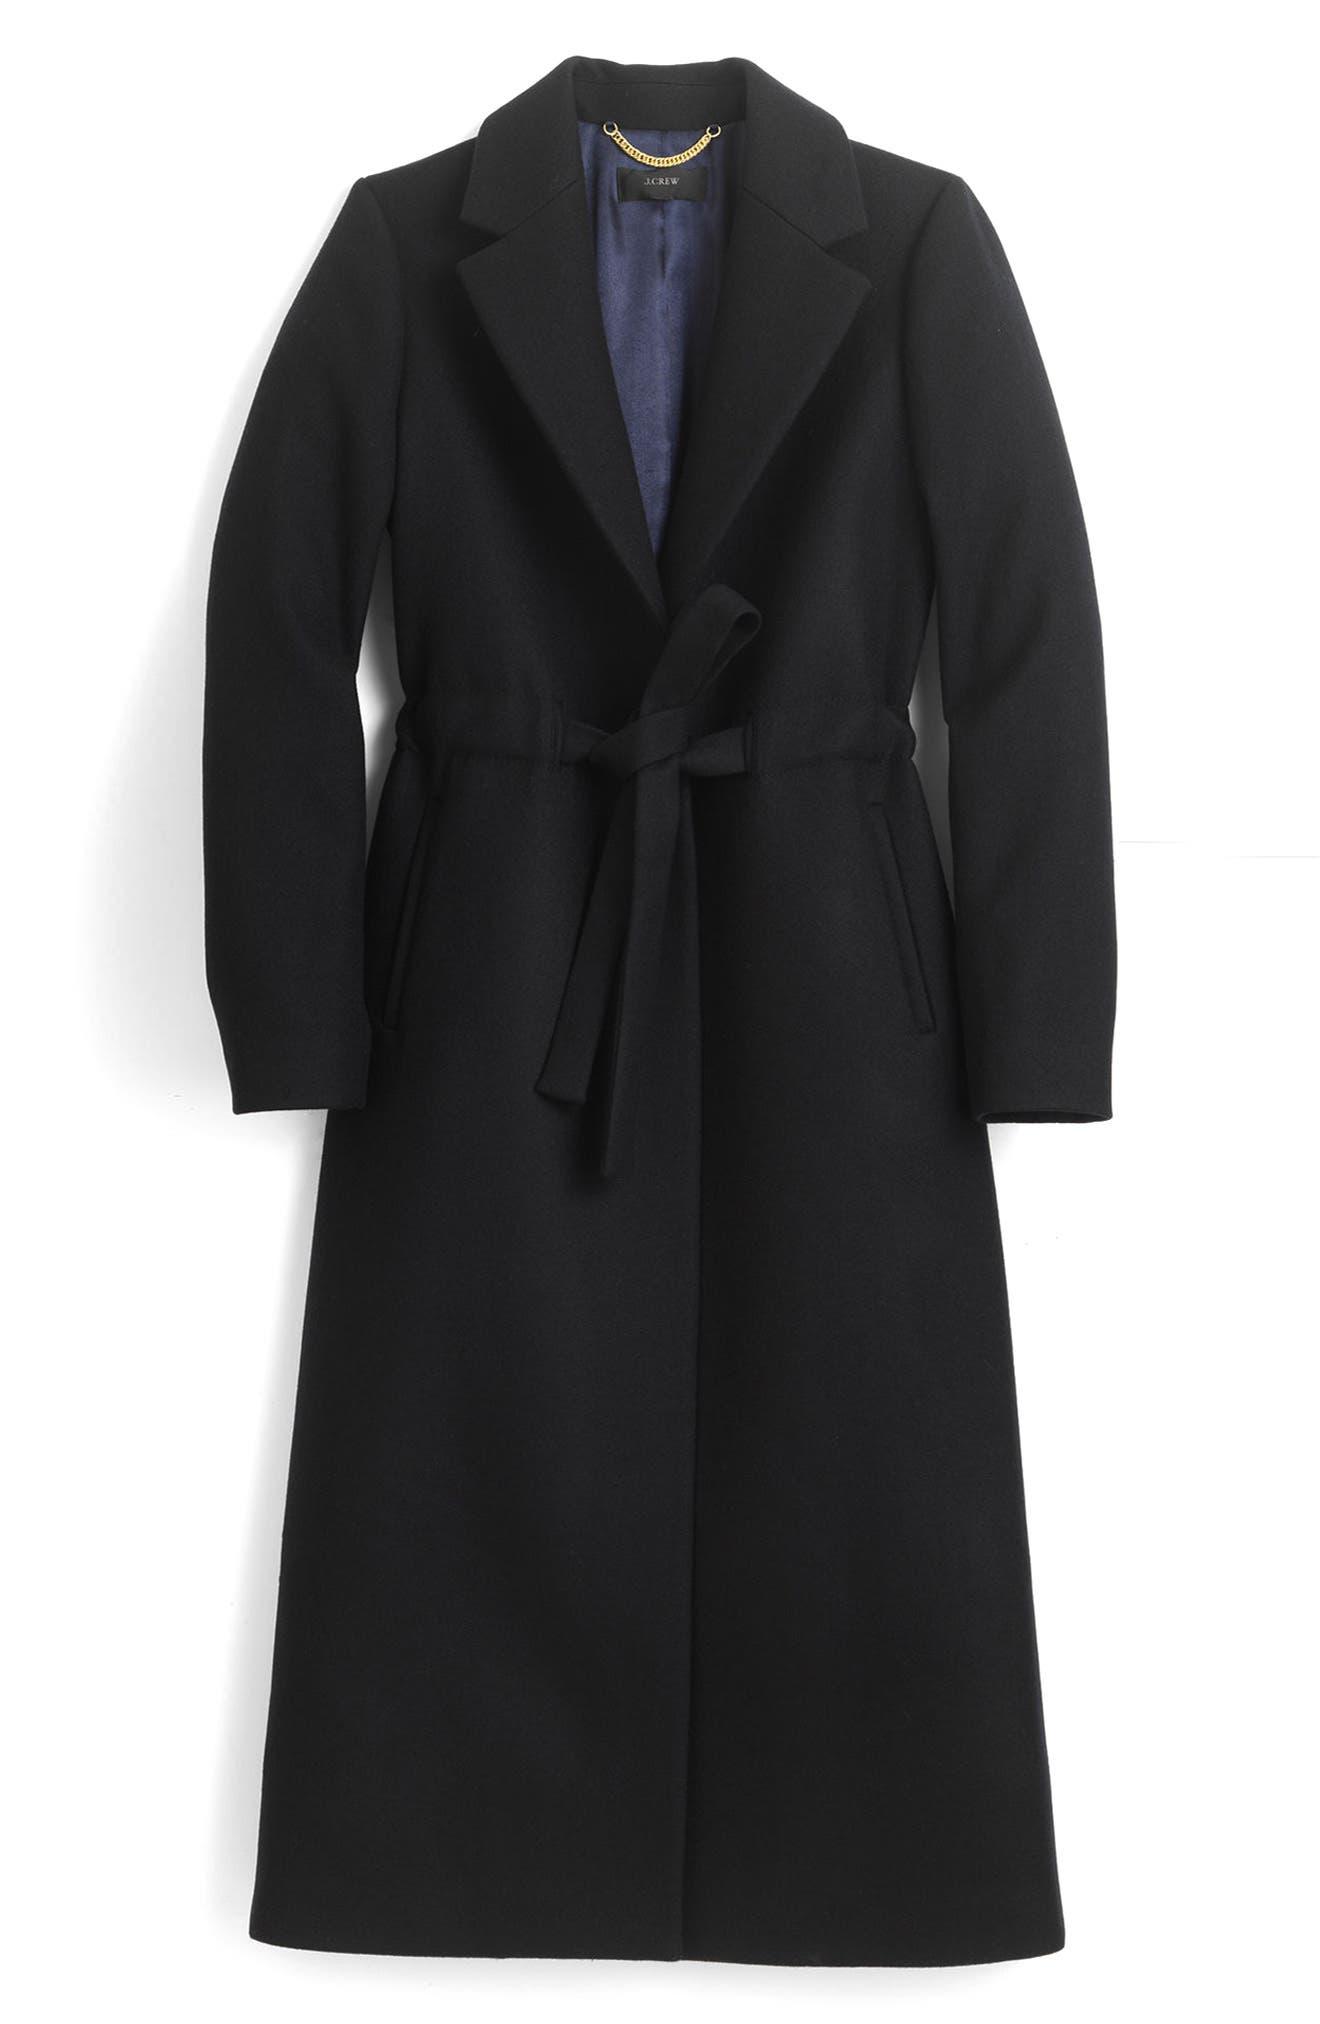 J.Crew Tie-Waist Double Serge Wool Topcoat (Regular & Petite)